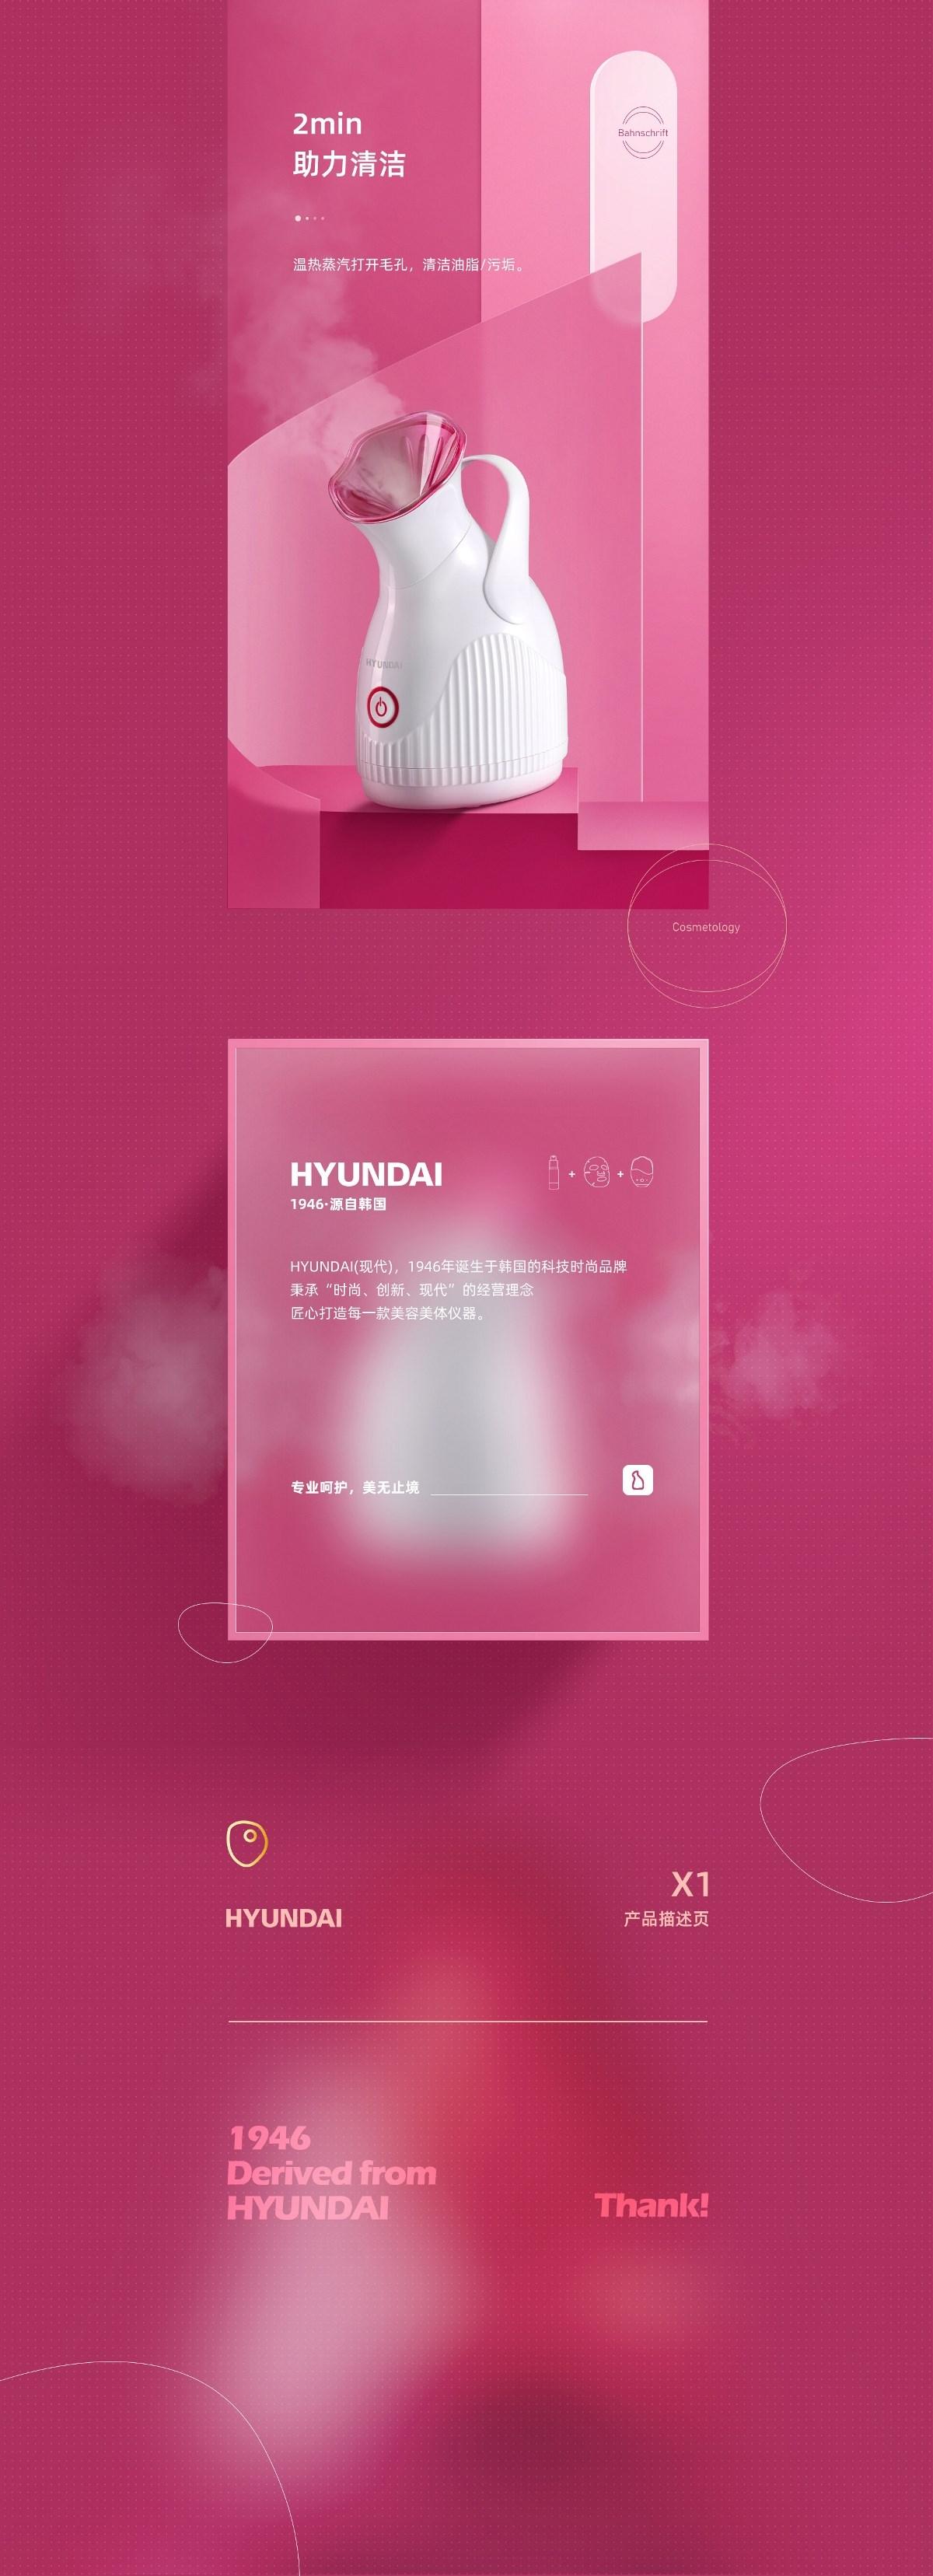 韩国现代(HYUNDAI)蒸脸仪详情页*1(简化版)